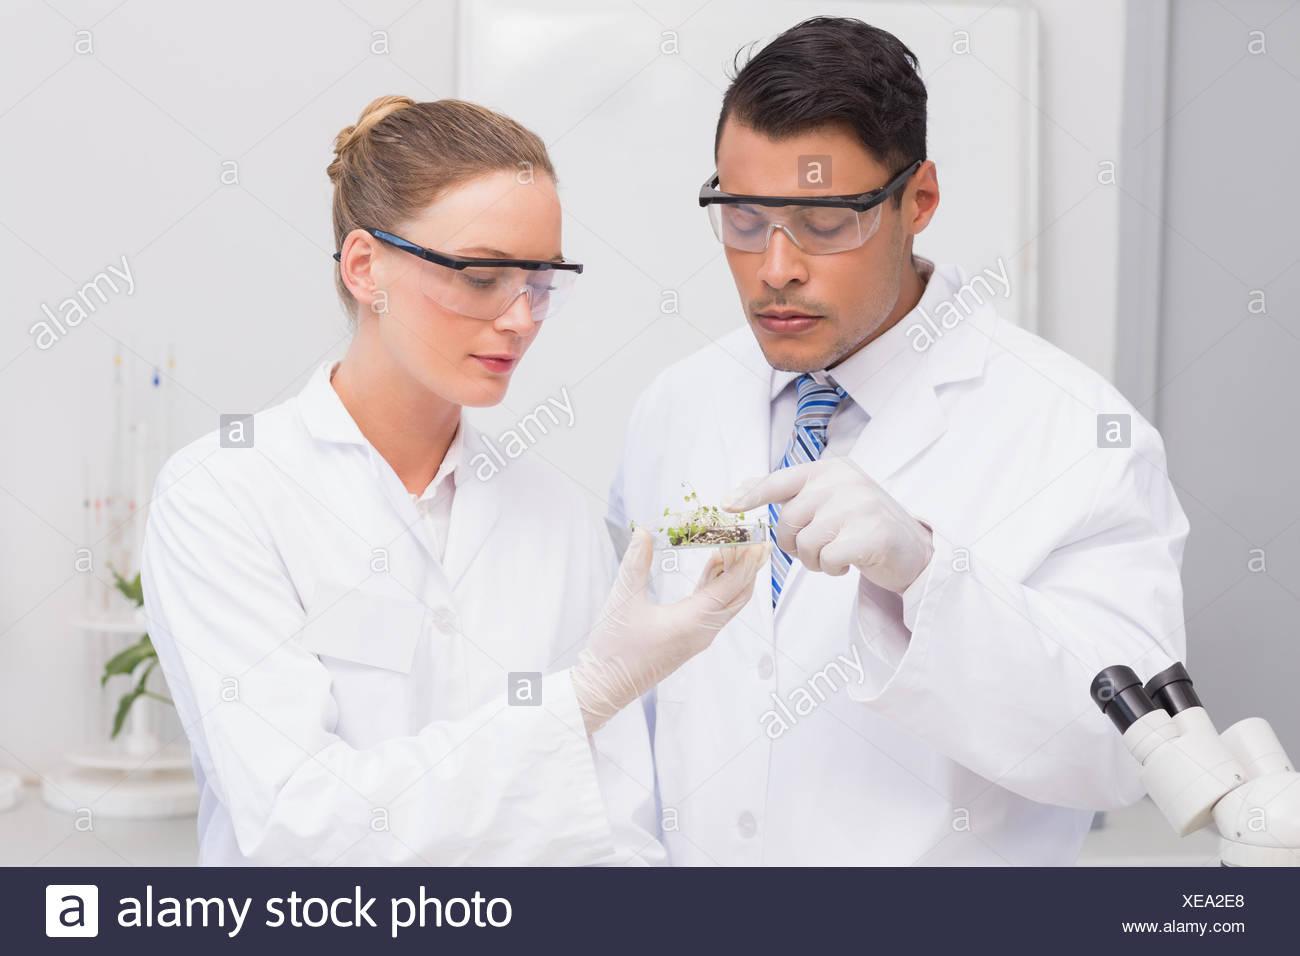 Los científicos sosteniendo una placa de Petri con pruebas de plantas Foto de stock